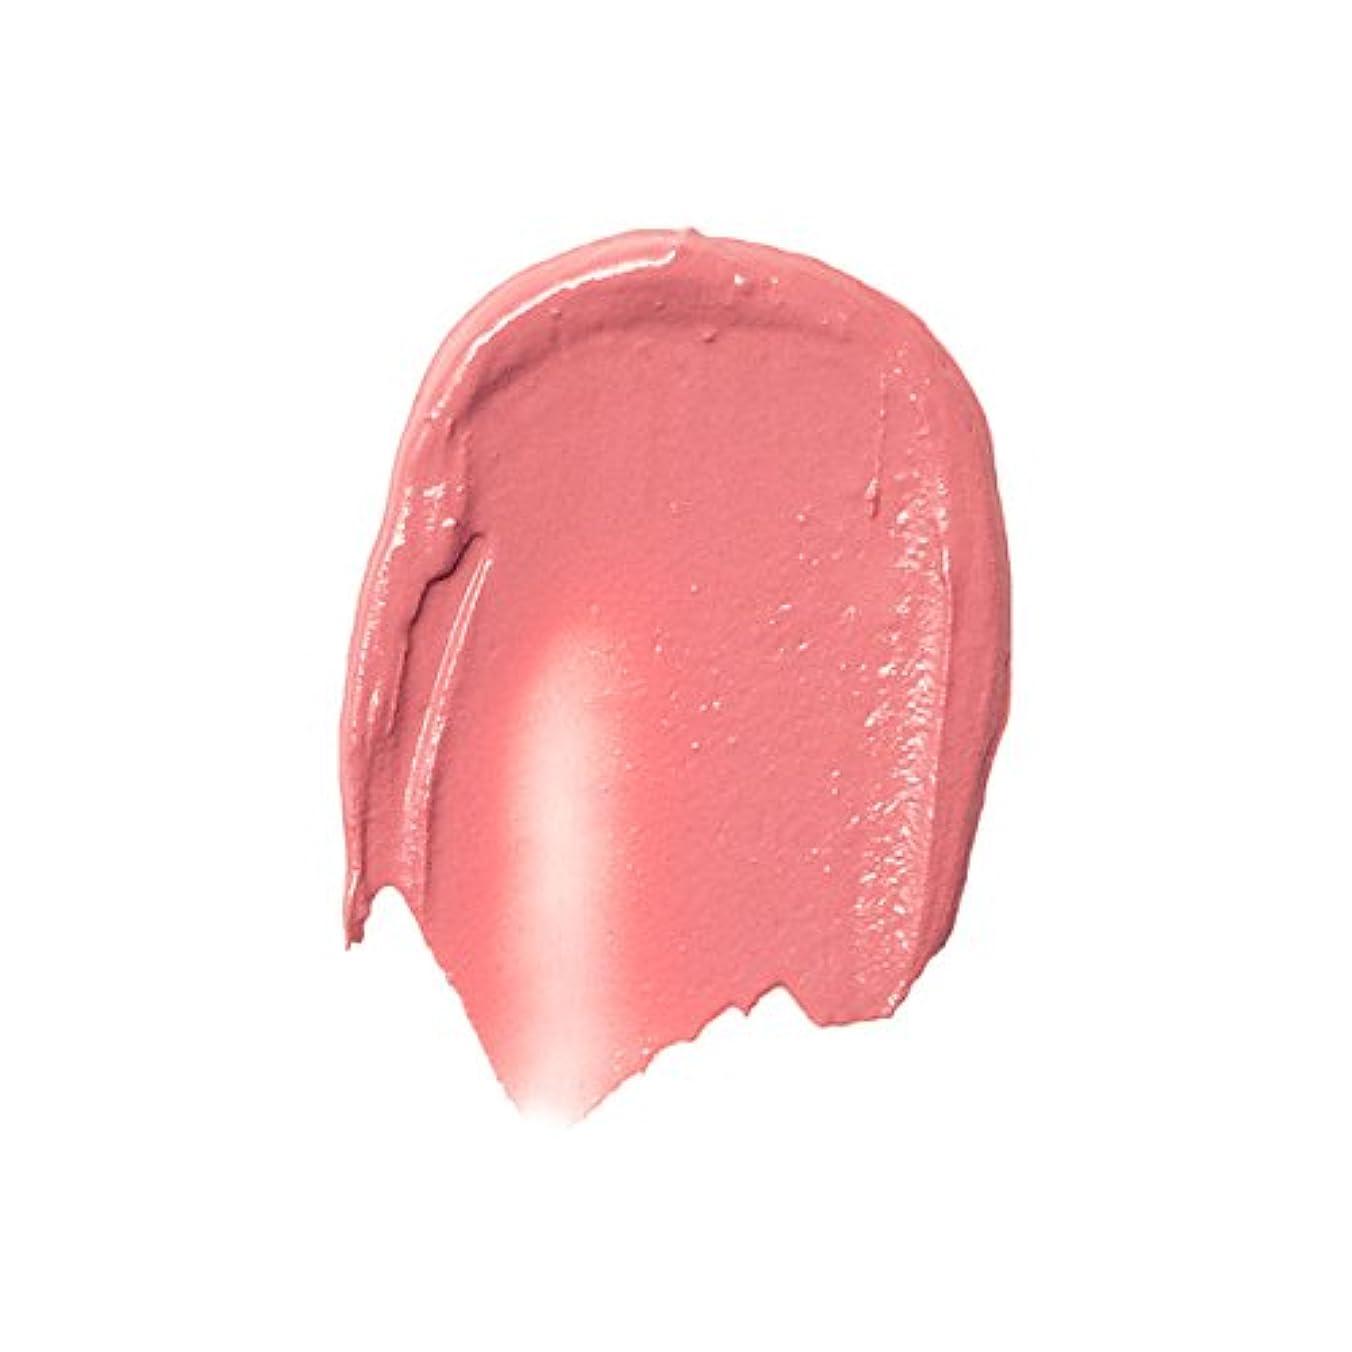 マニアックカーフカーフボビィブラウン(ボビー ブラウン) リュクスリップカラー #14 Pink Cloud